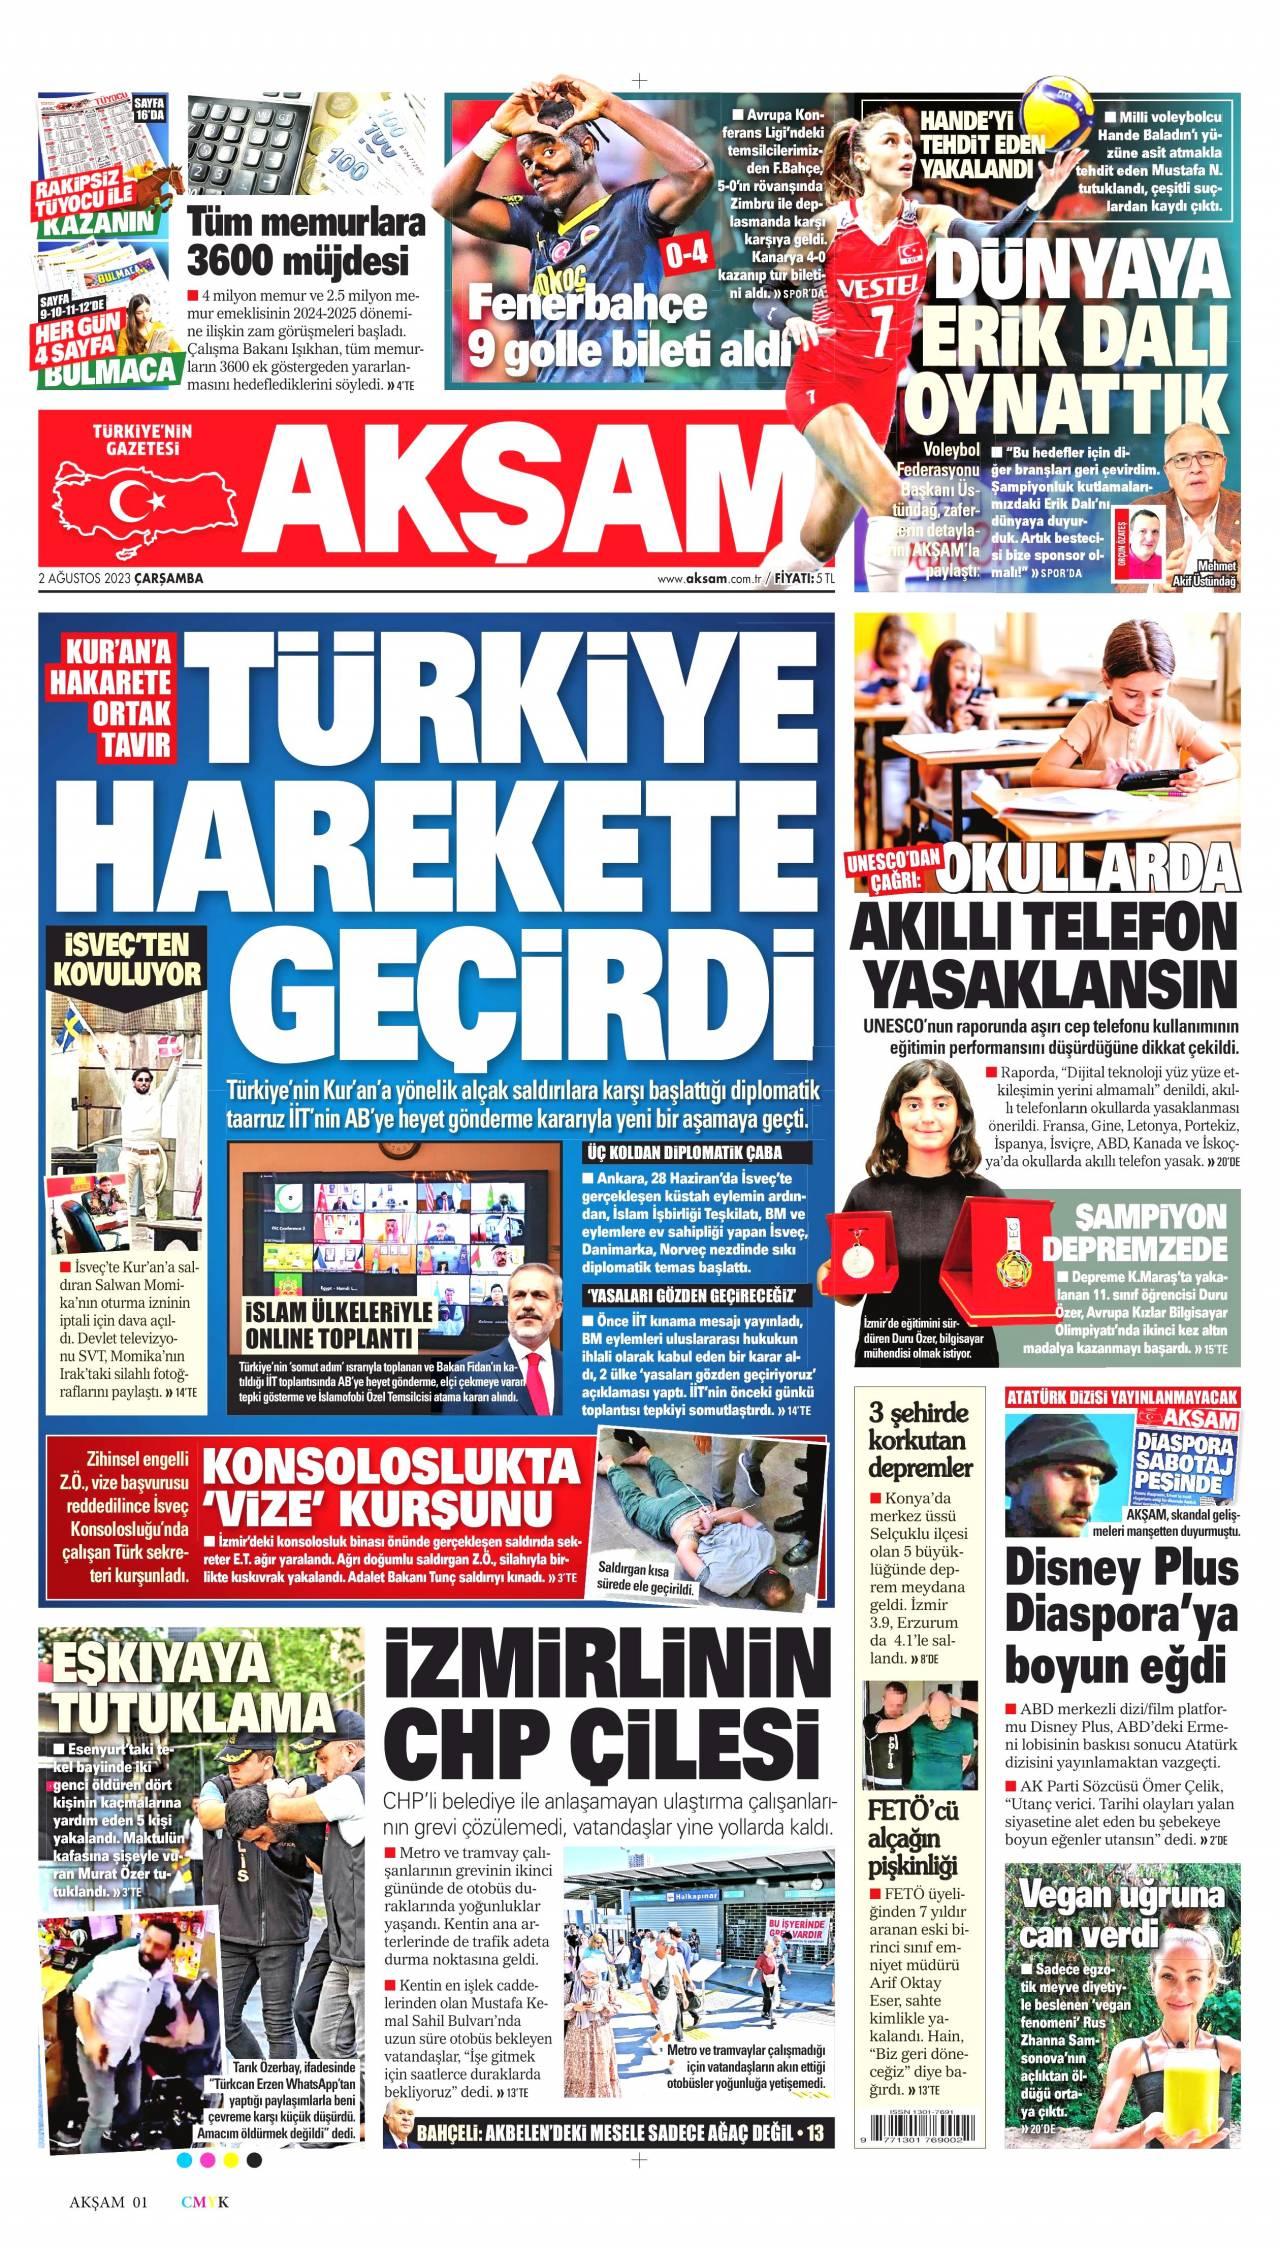 25 Ocak 2020, Cumartesi aksam Gazetesi